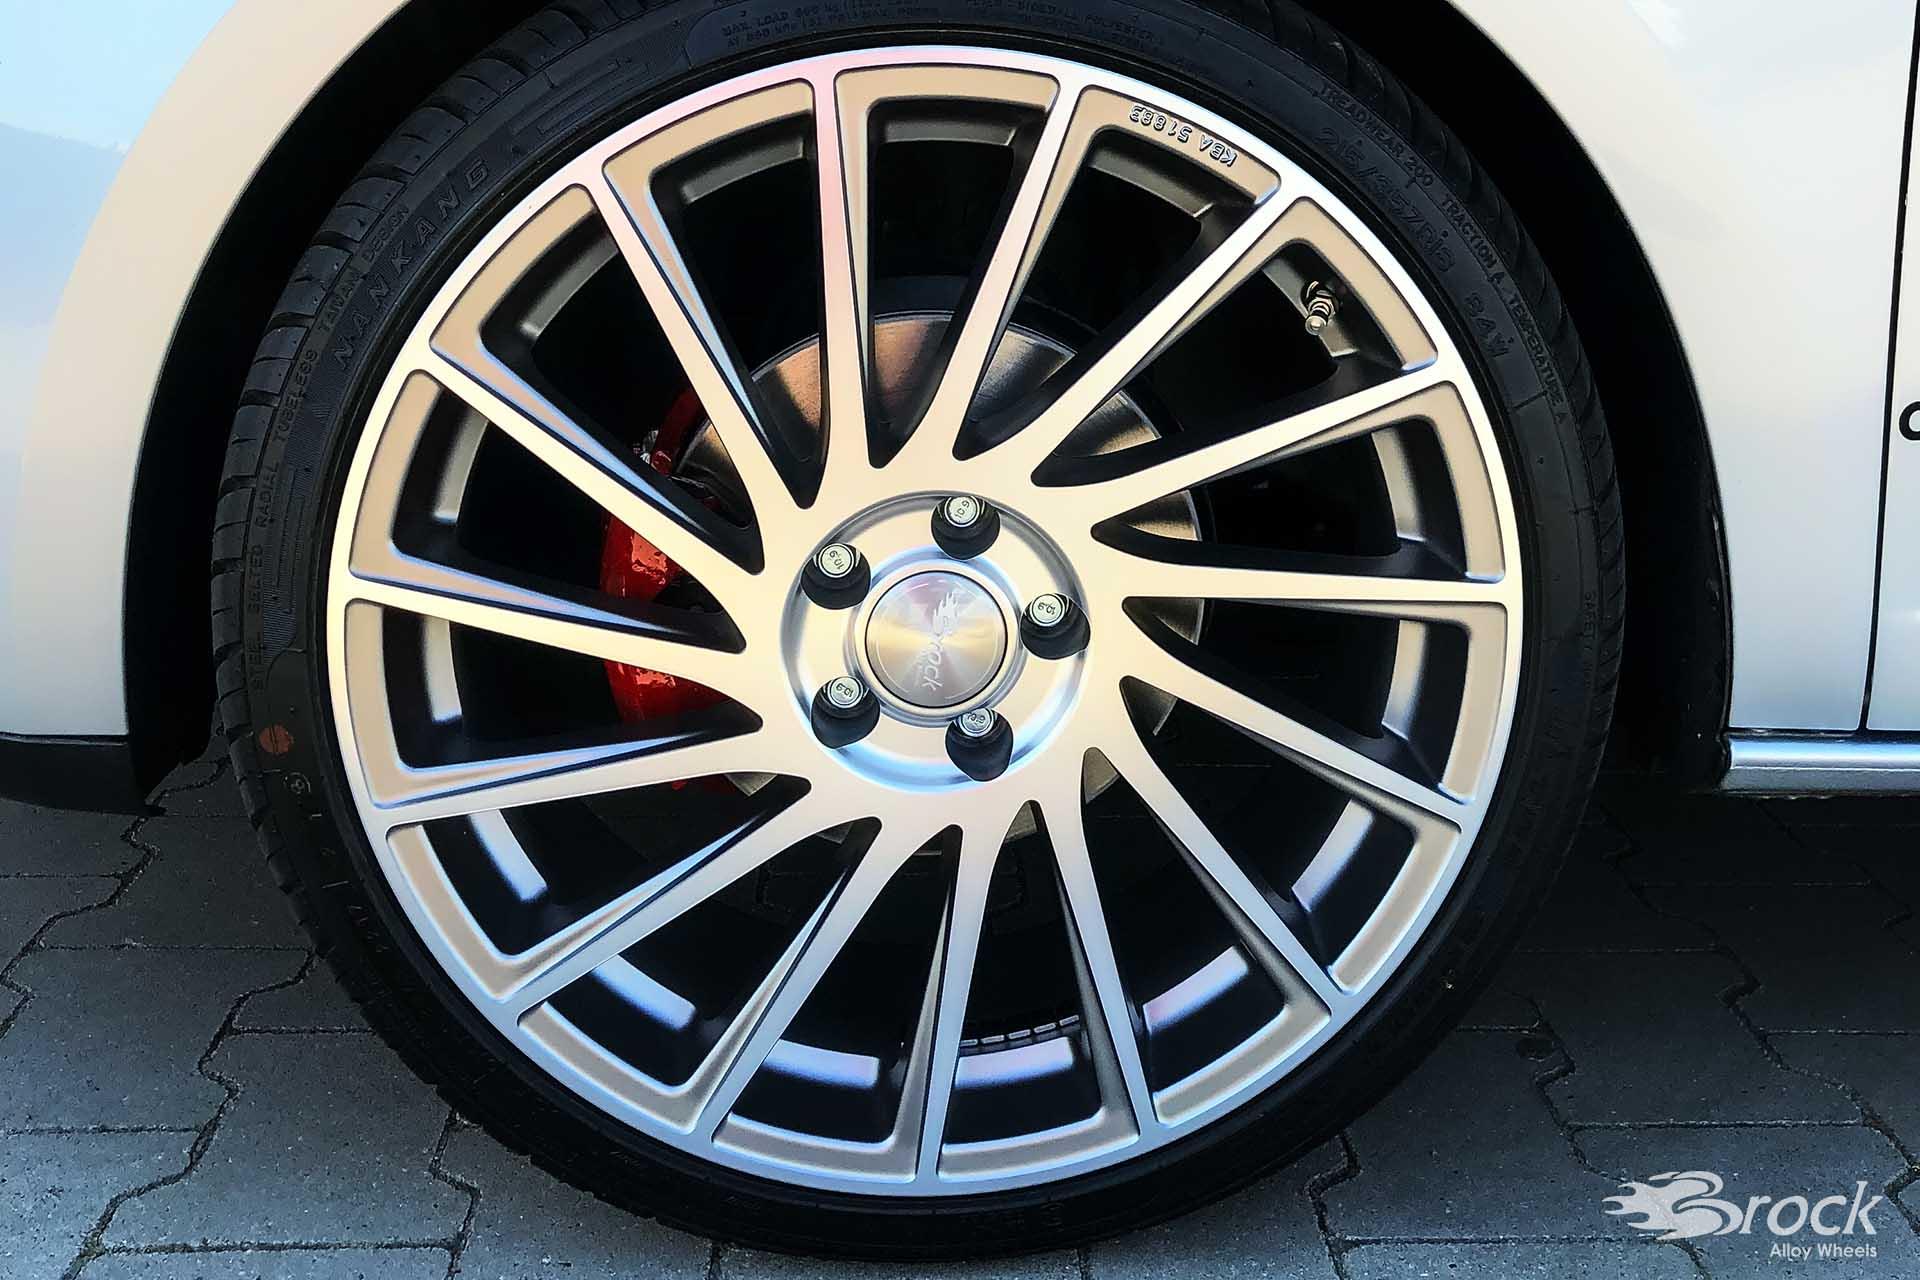 Seat Ibiza 6J SC Brock B39 Alufelgen